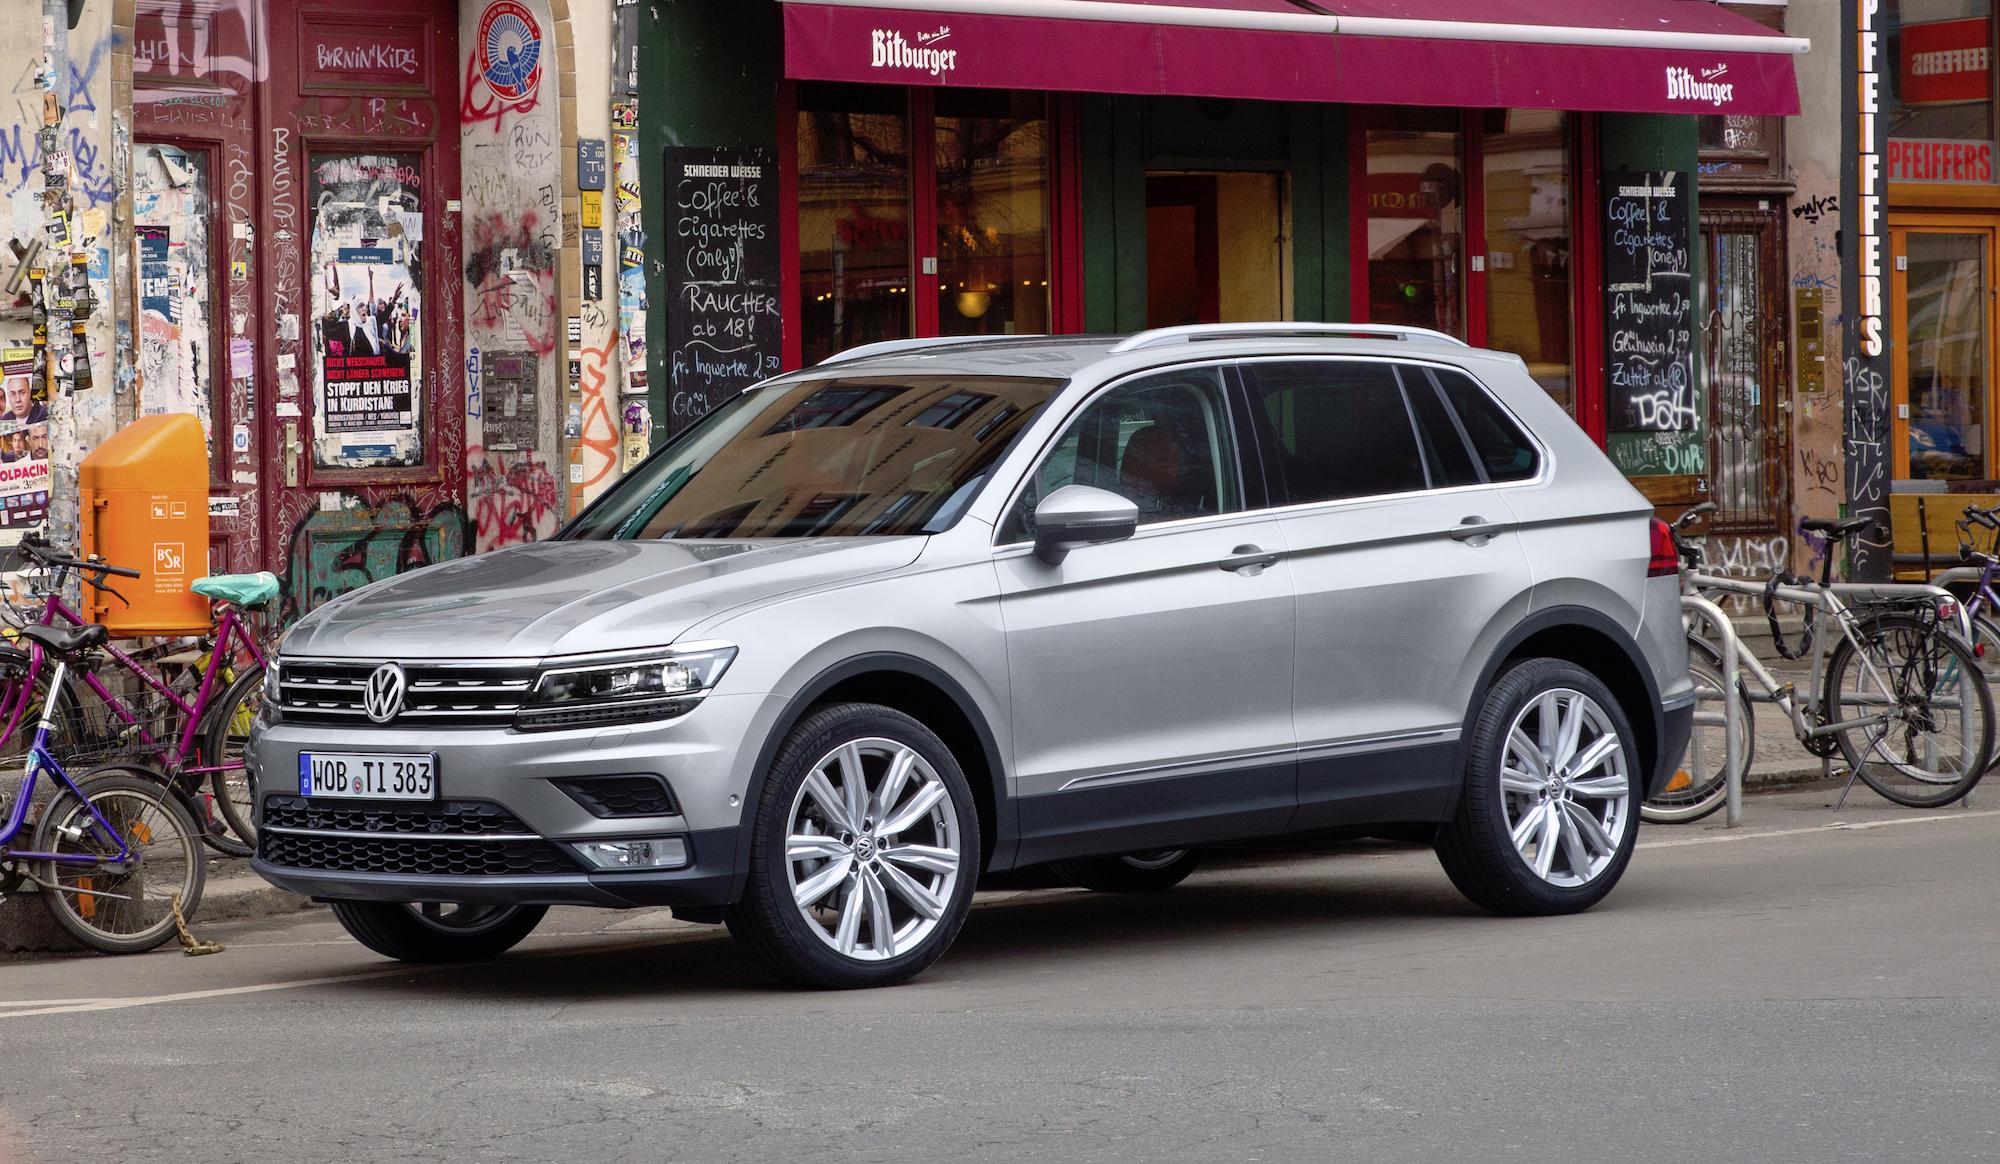 New Car Models 2018 Malaysia >> 2016 Volkswagen Tiguan Review - photos | CarAdvice